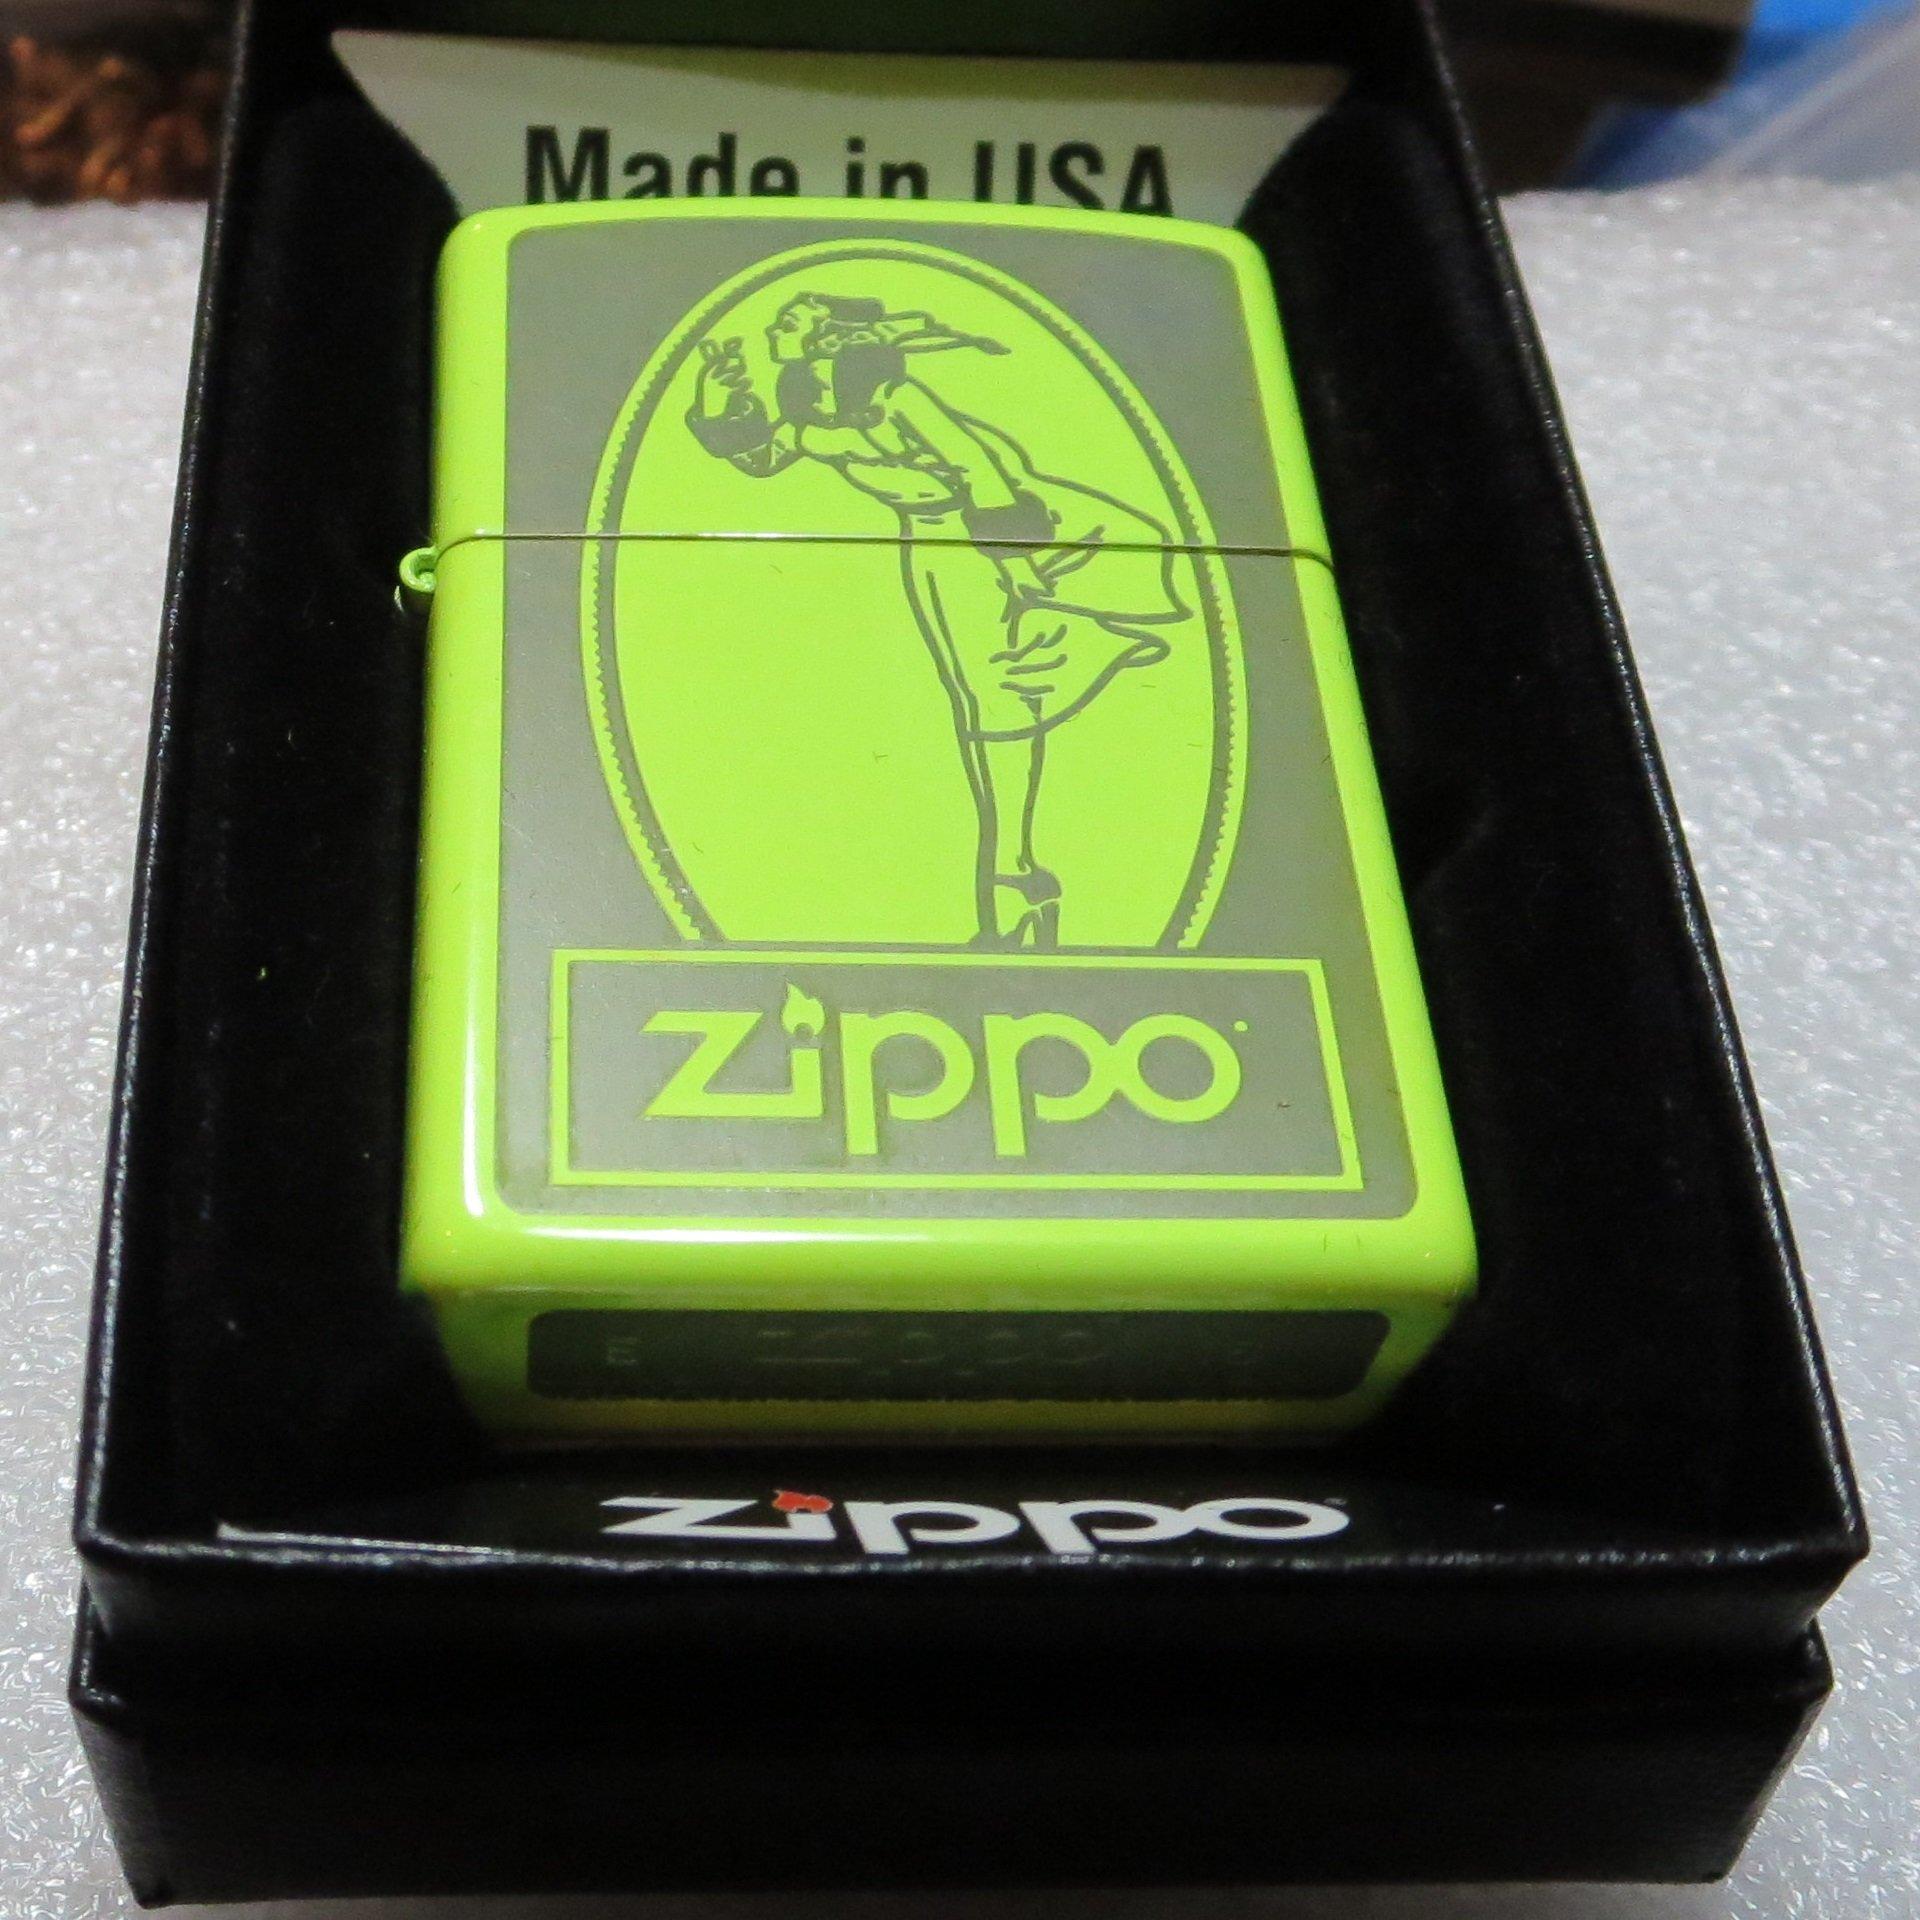 Zippo-326622-1.jpg